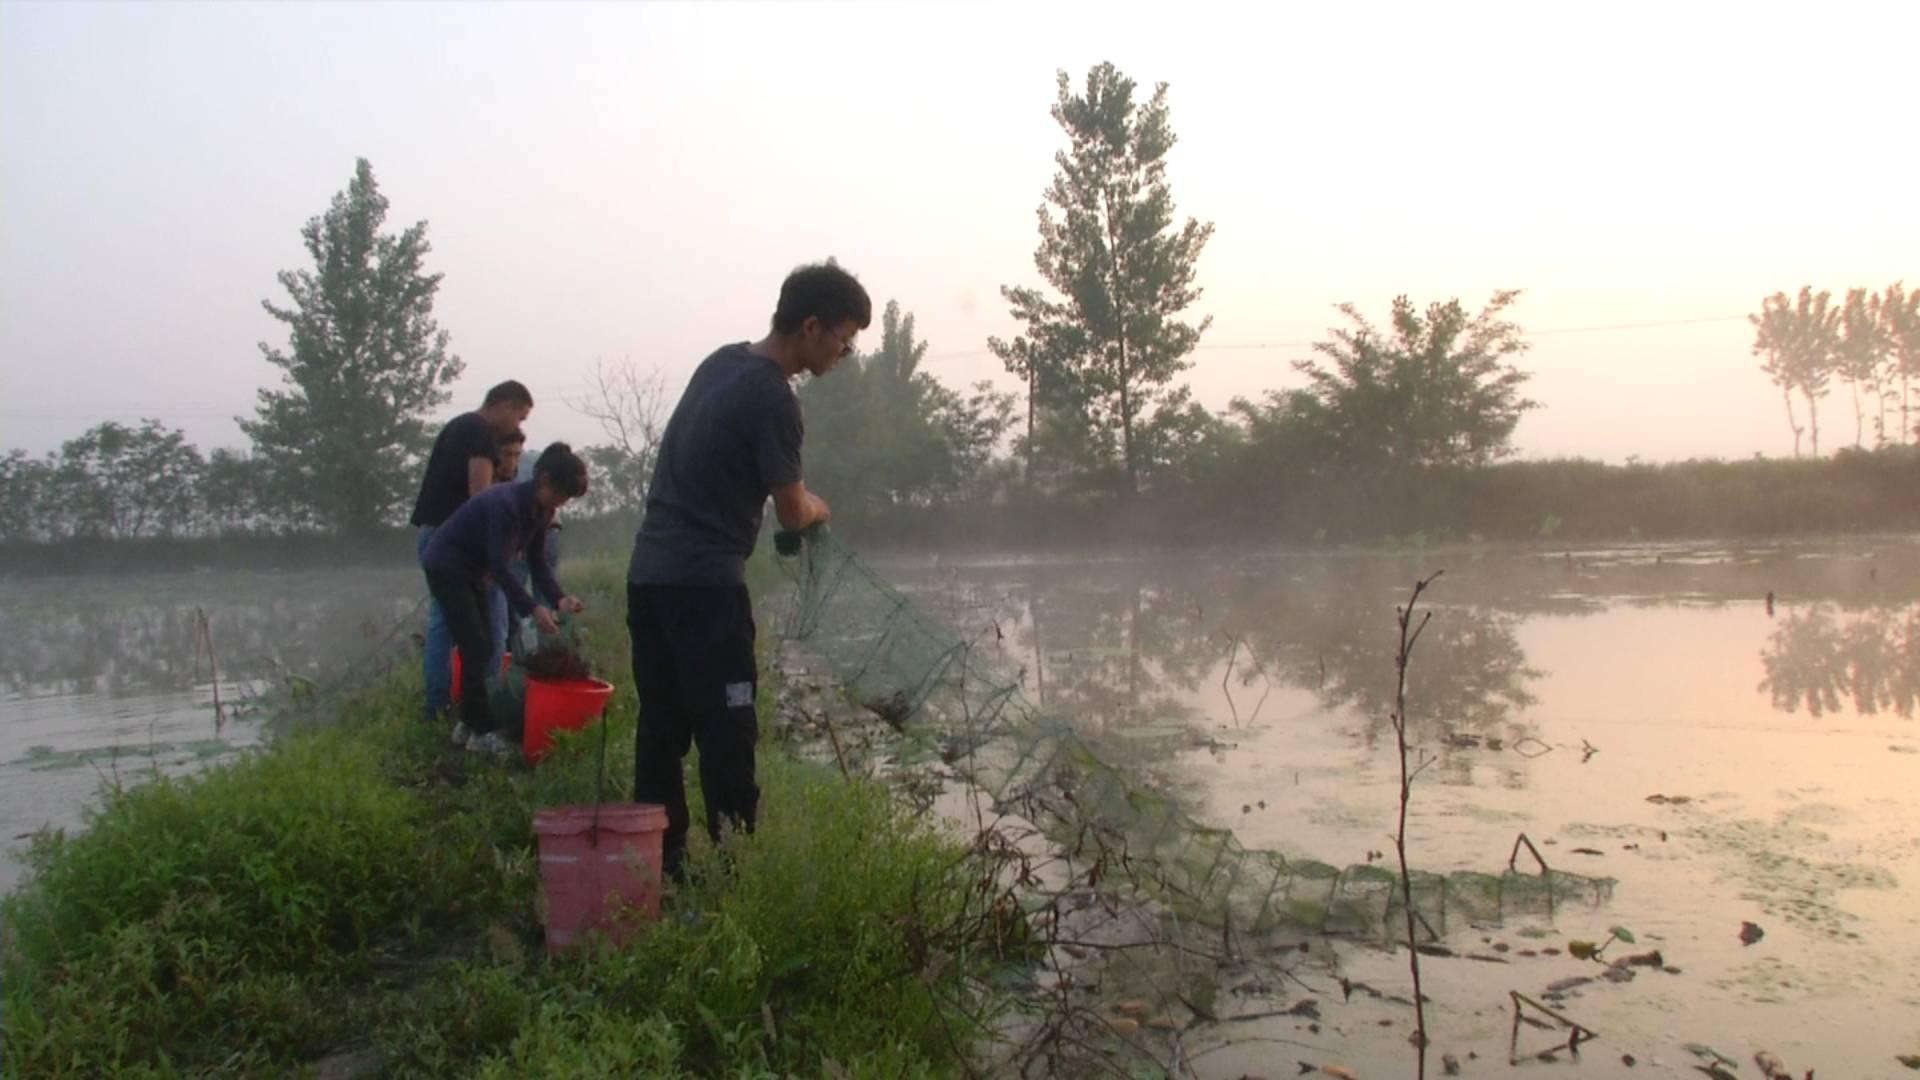 长江云报道 在很多外地人的印象当中,地处鄂北岗地的襄阳是一个缺水的地方,事实上,襄阳有很多大型水库,而依托大型水库的水资源来种植水稻、养殖鱼虾在这里并不稀奇,眼下这段时间,正是小龙虾上市的高峰期,虽然说上市量比前期增加了不少,可是小龙虾的价格依然不低,面对这样一个十分红火的市场,在襄阳市也有不少年轻人从过去的仅仅是吃虾子,到现在开始养虾子和卖虾子。 5月31日清晨5点,襄阳市襄州区黄集镇李楼村,26岁的范超和小伙伴们一起在莲藕田里收地笼起小龙虾。毕业于武汉职业技术学院的范超,于去年和亲戚朋友联合另外10